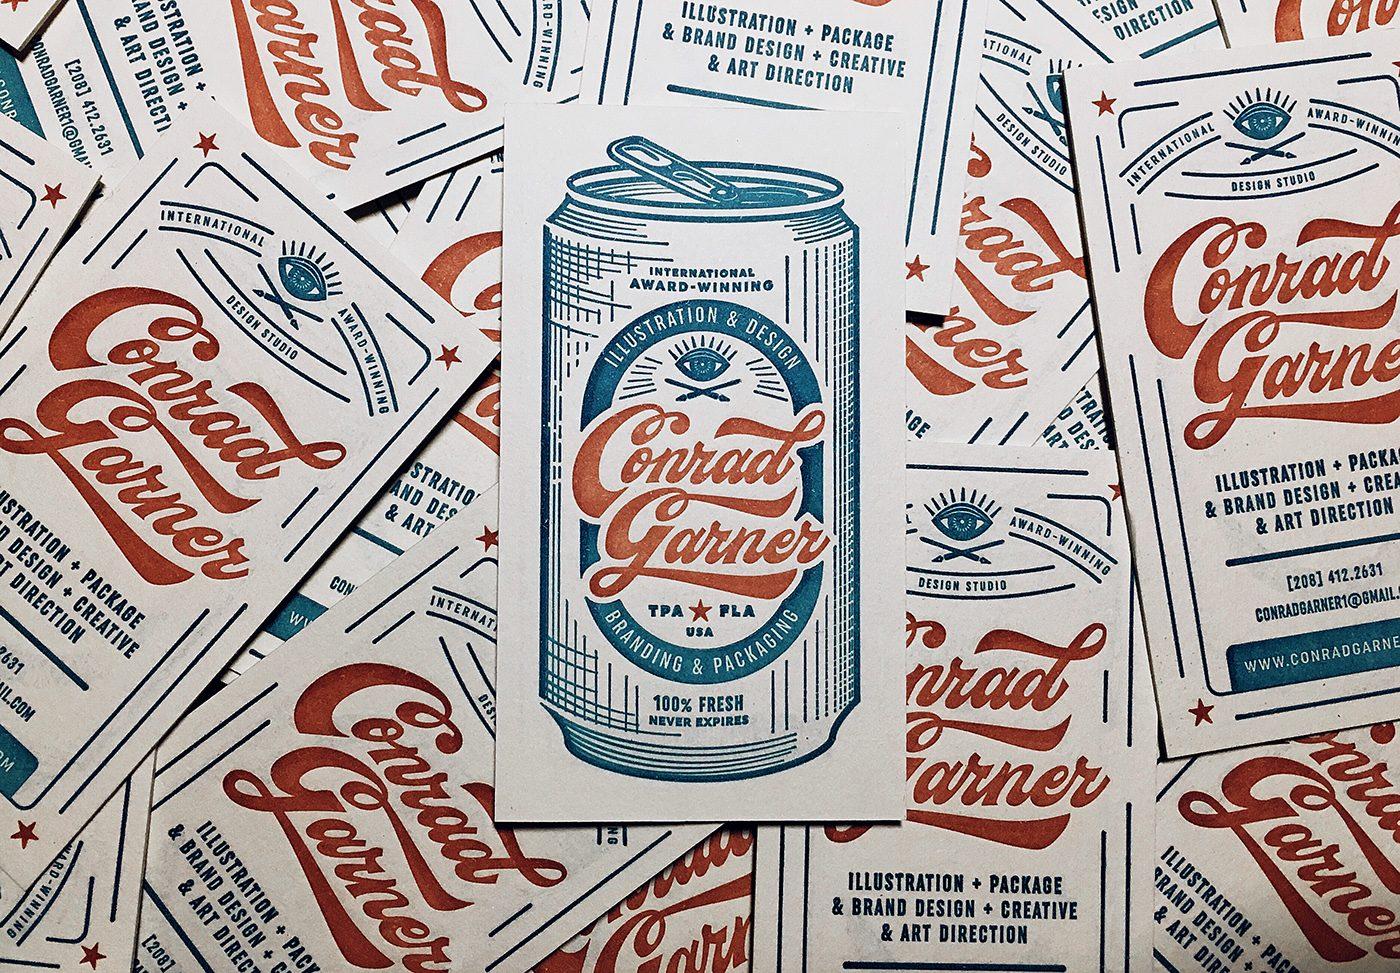 Conrad Garner Florida